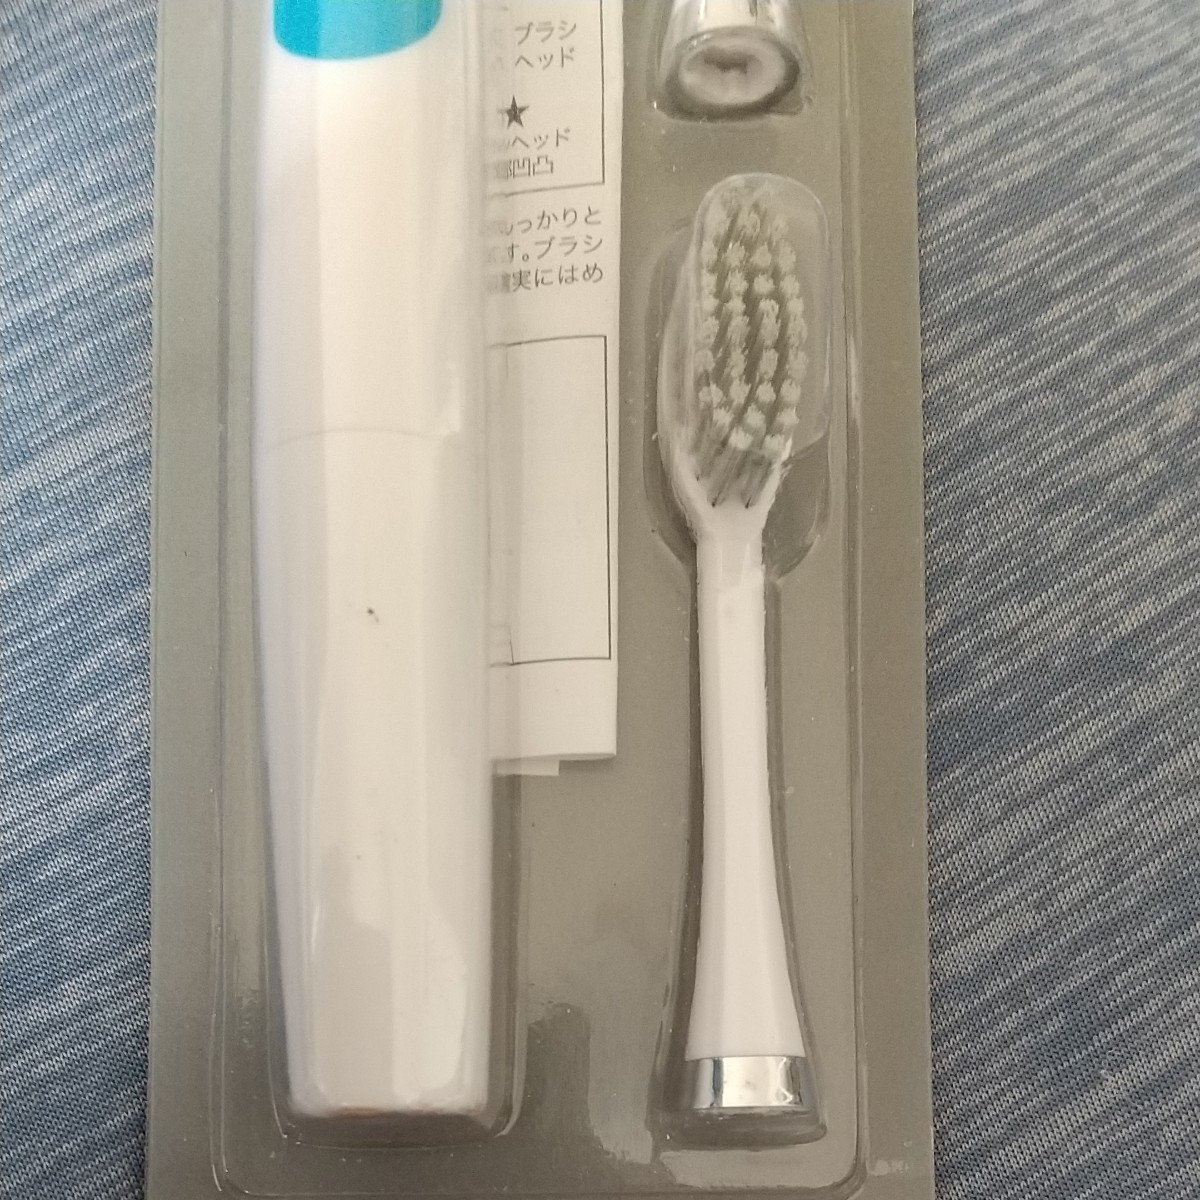 音波振動 電動歯ブラシ 替え歯ブラシ2つ付 お得!!